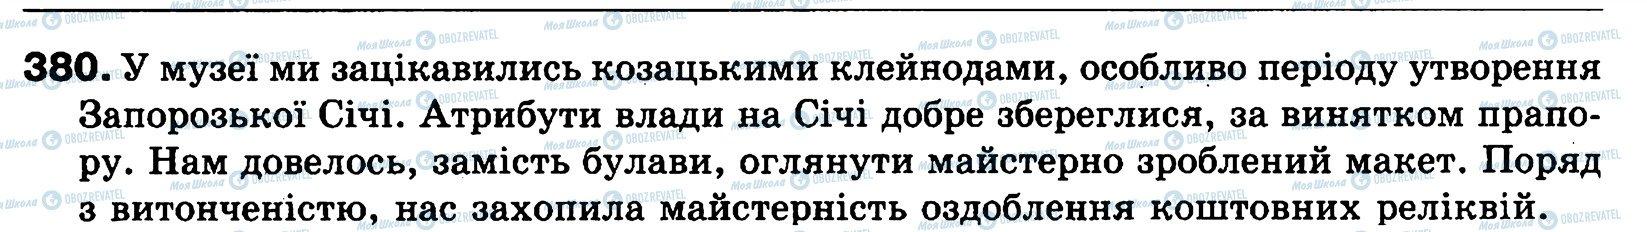 ГДЗ Українська мова 8 клас сторінка 380